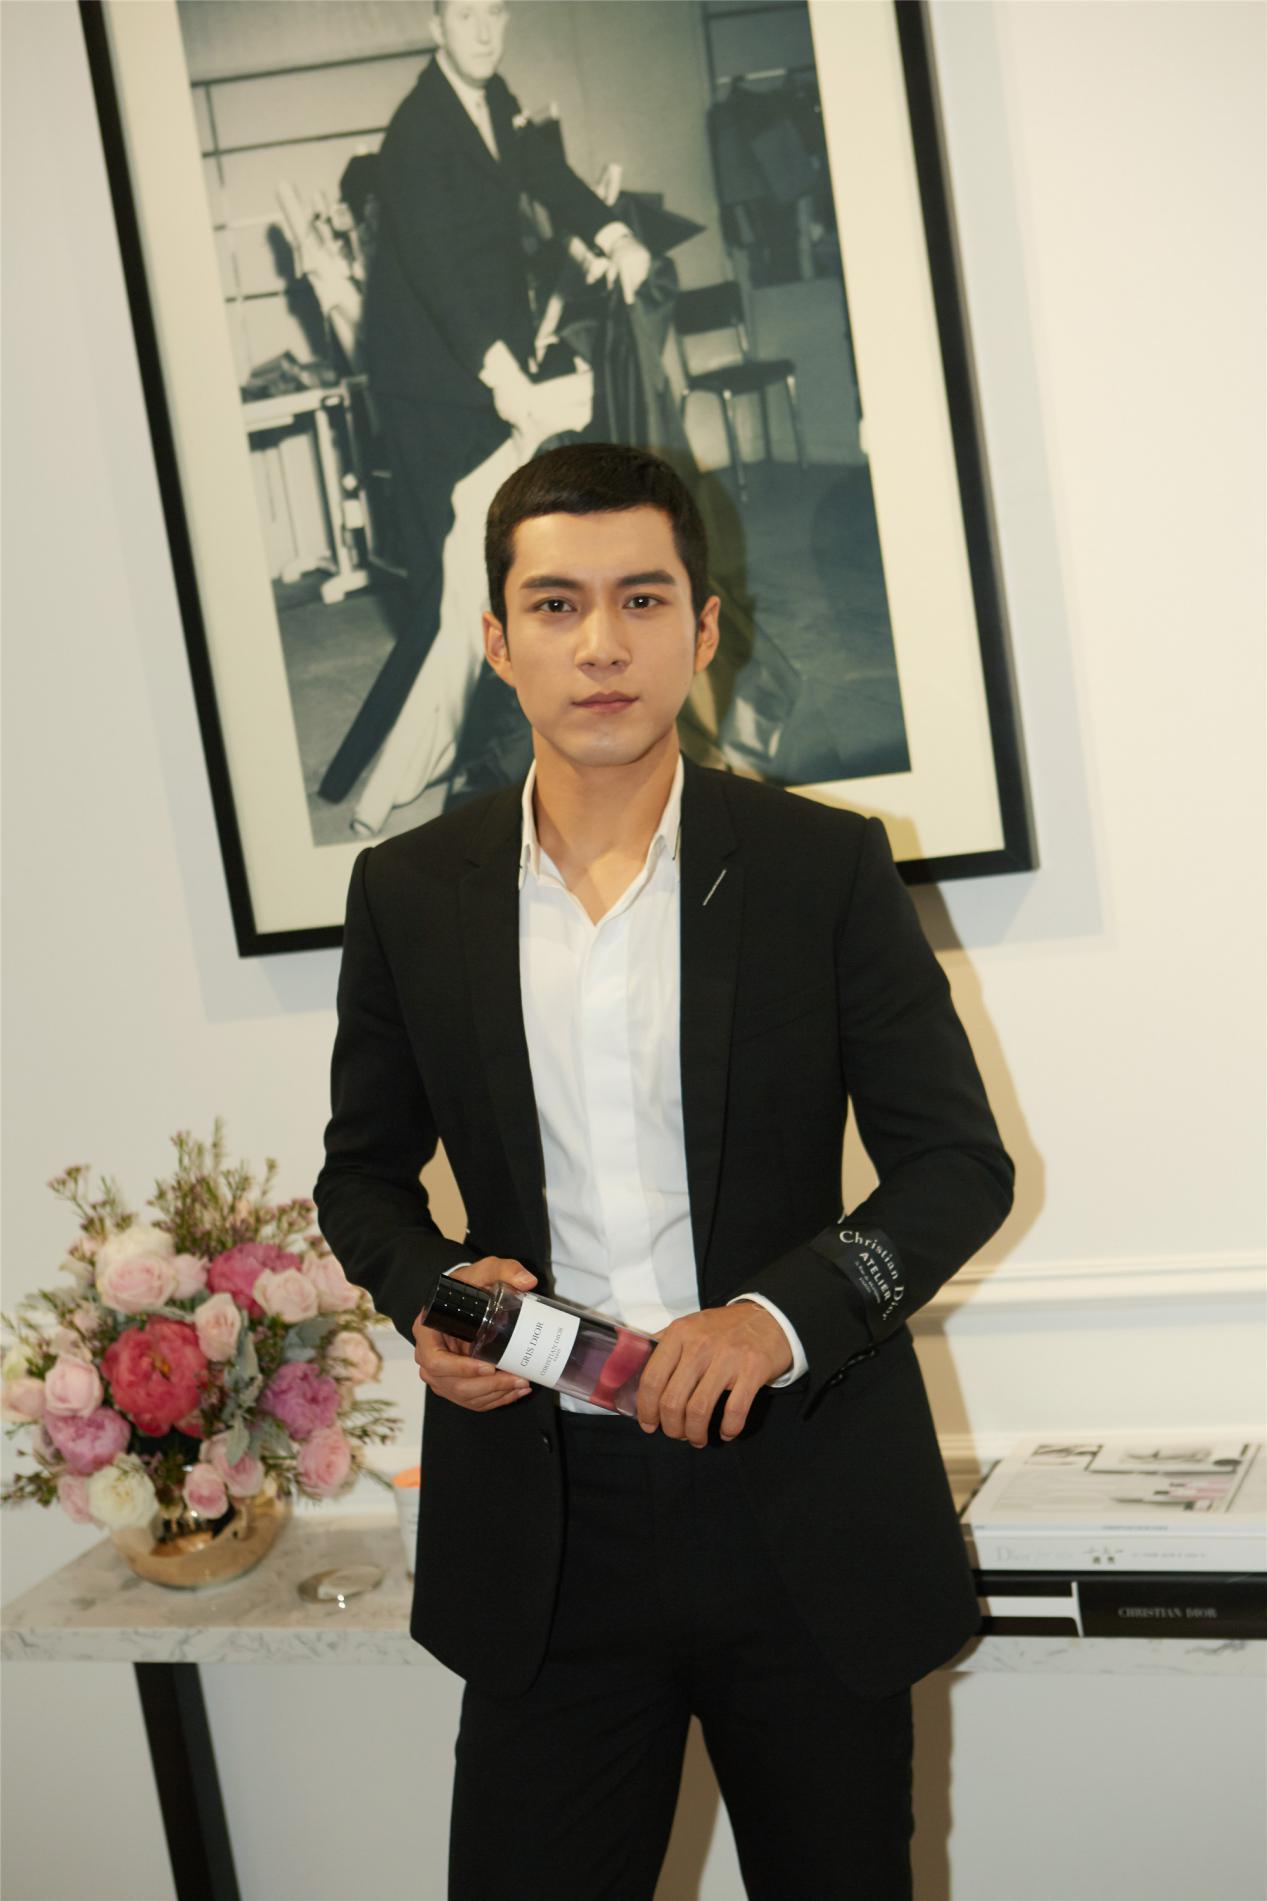 Dior迪奥香氛世家上海启幕 优雅演绎纯正法式生活美学